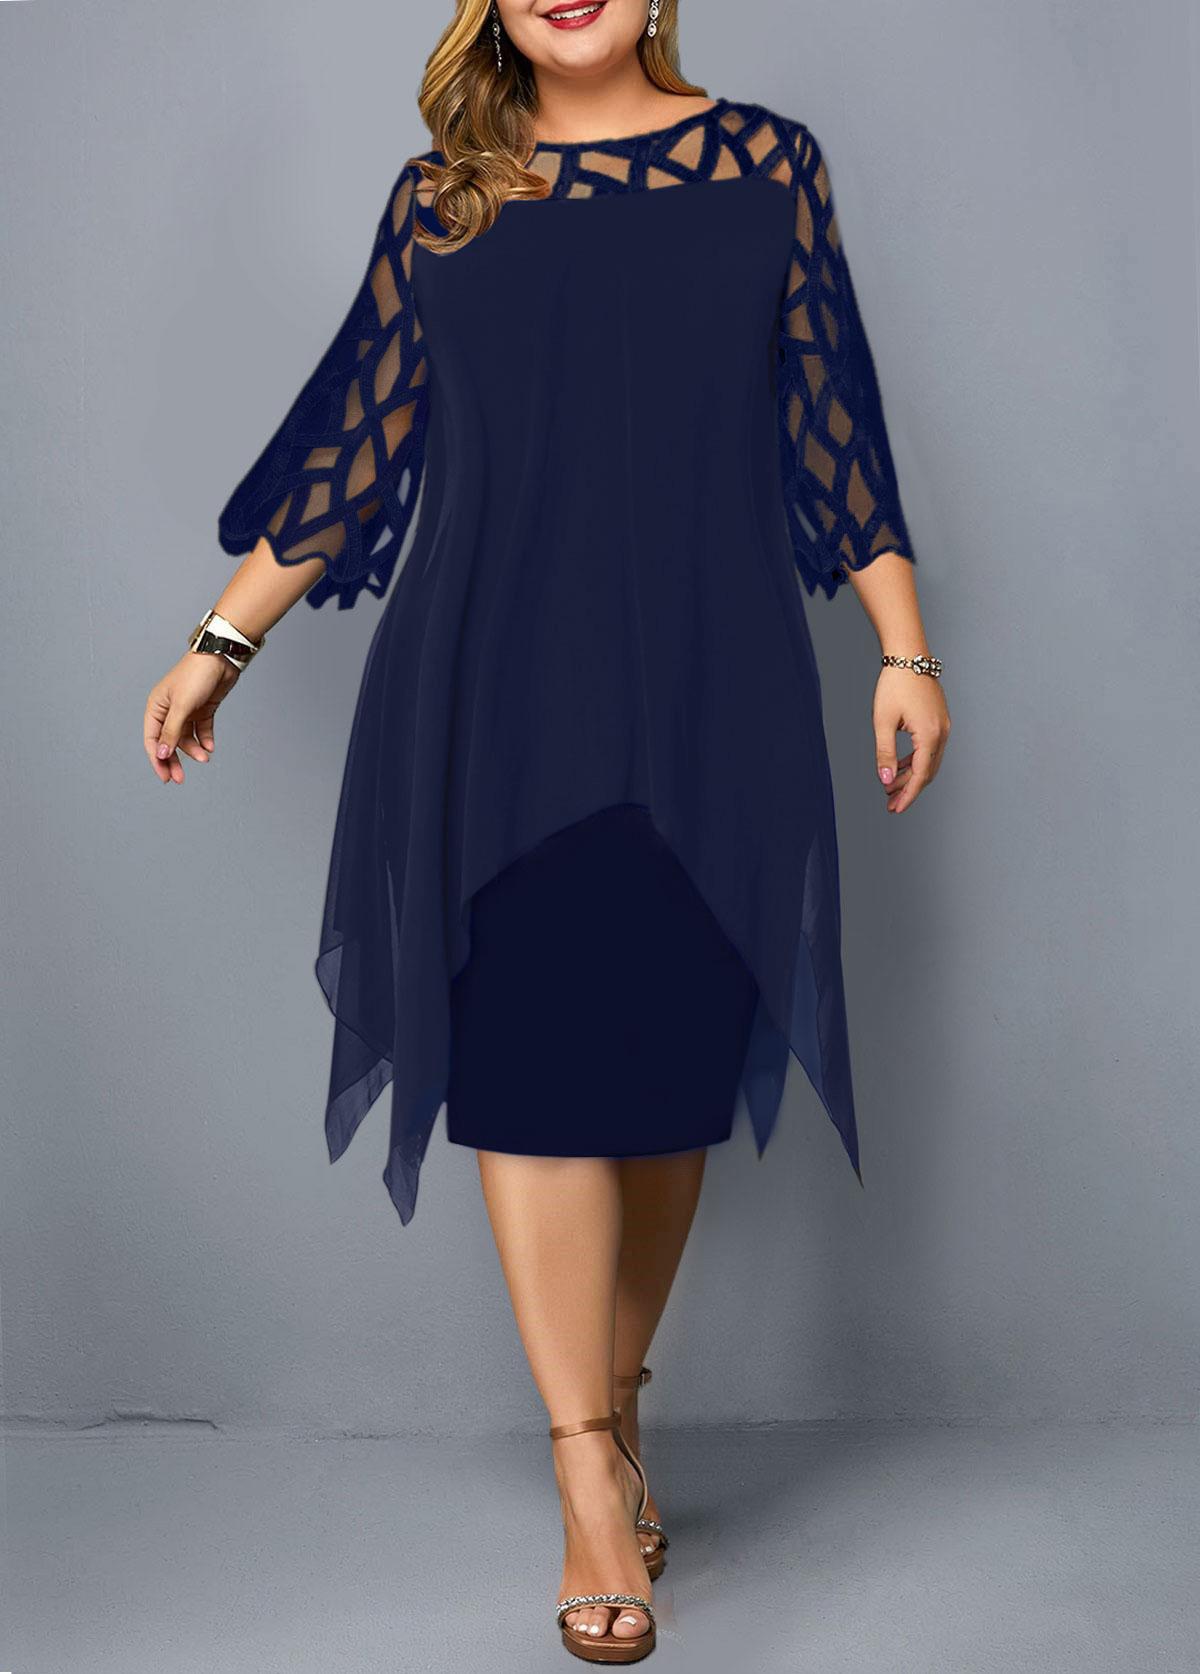 Plus Size Overlay Embellished Mesh Panel Dress